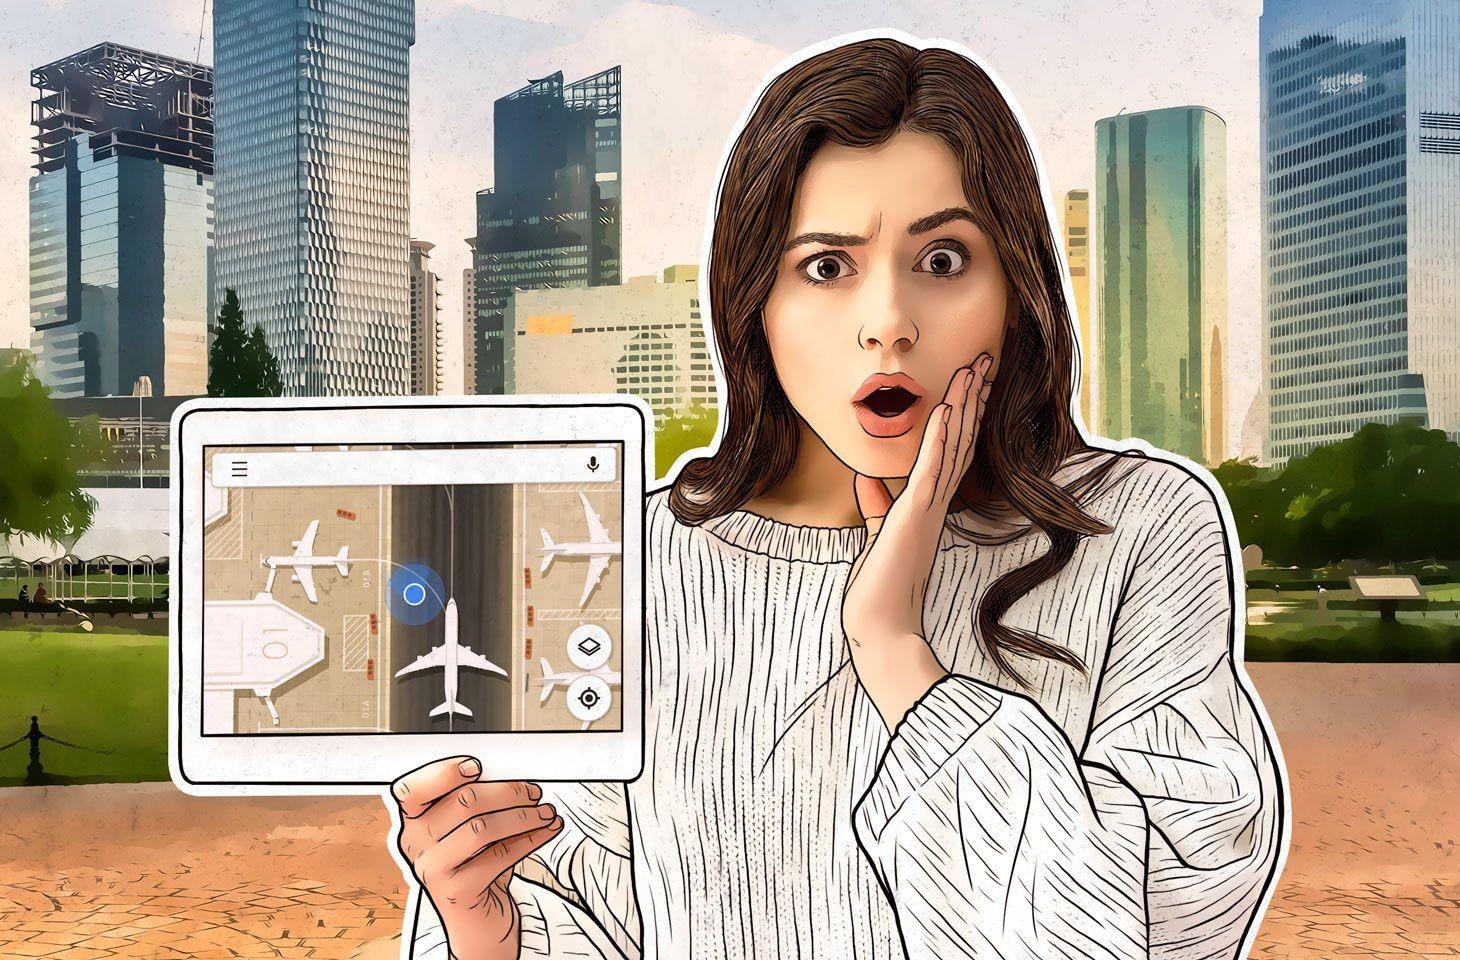 Hat Ihr Navi jemals darauf bestanden, dass Sie an einem Ort sind, an dem Sie sich definitiv nicht befinden? Willkommen zum GPS-Spoofing!